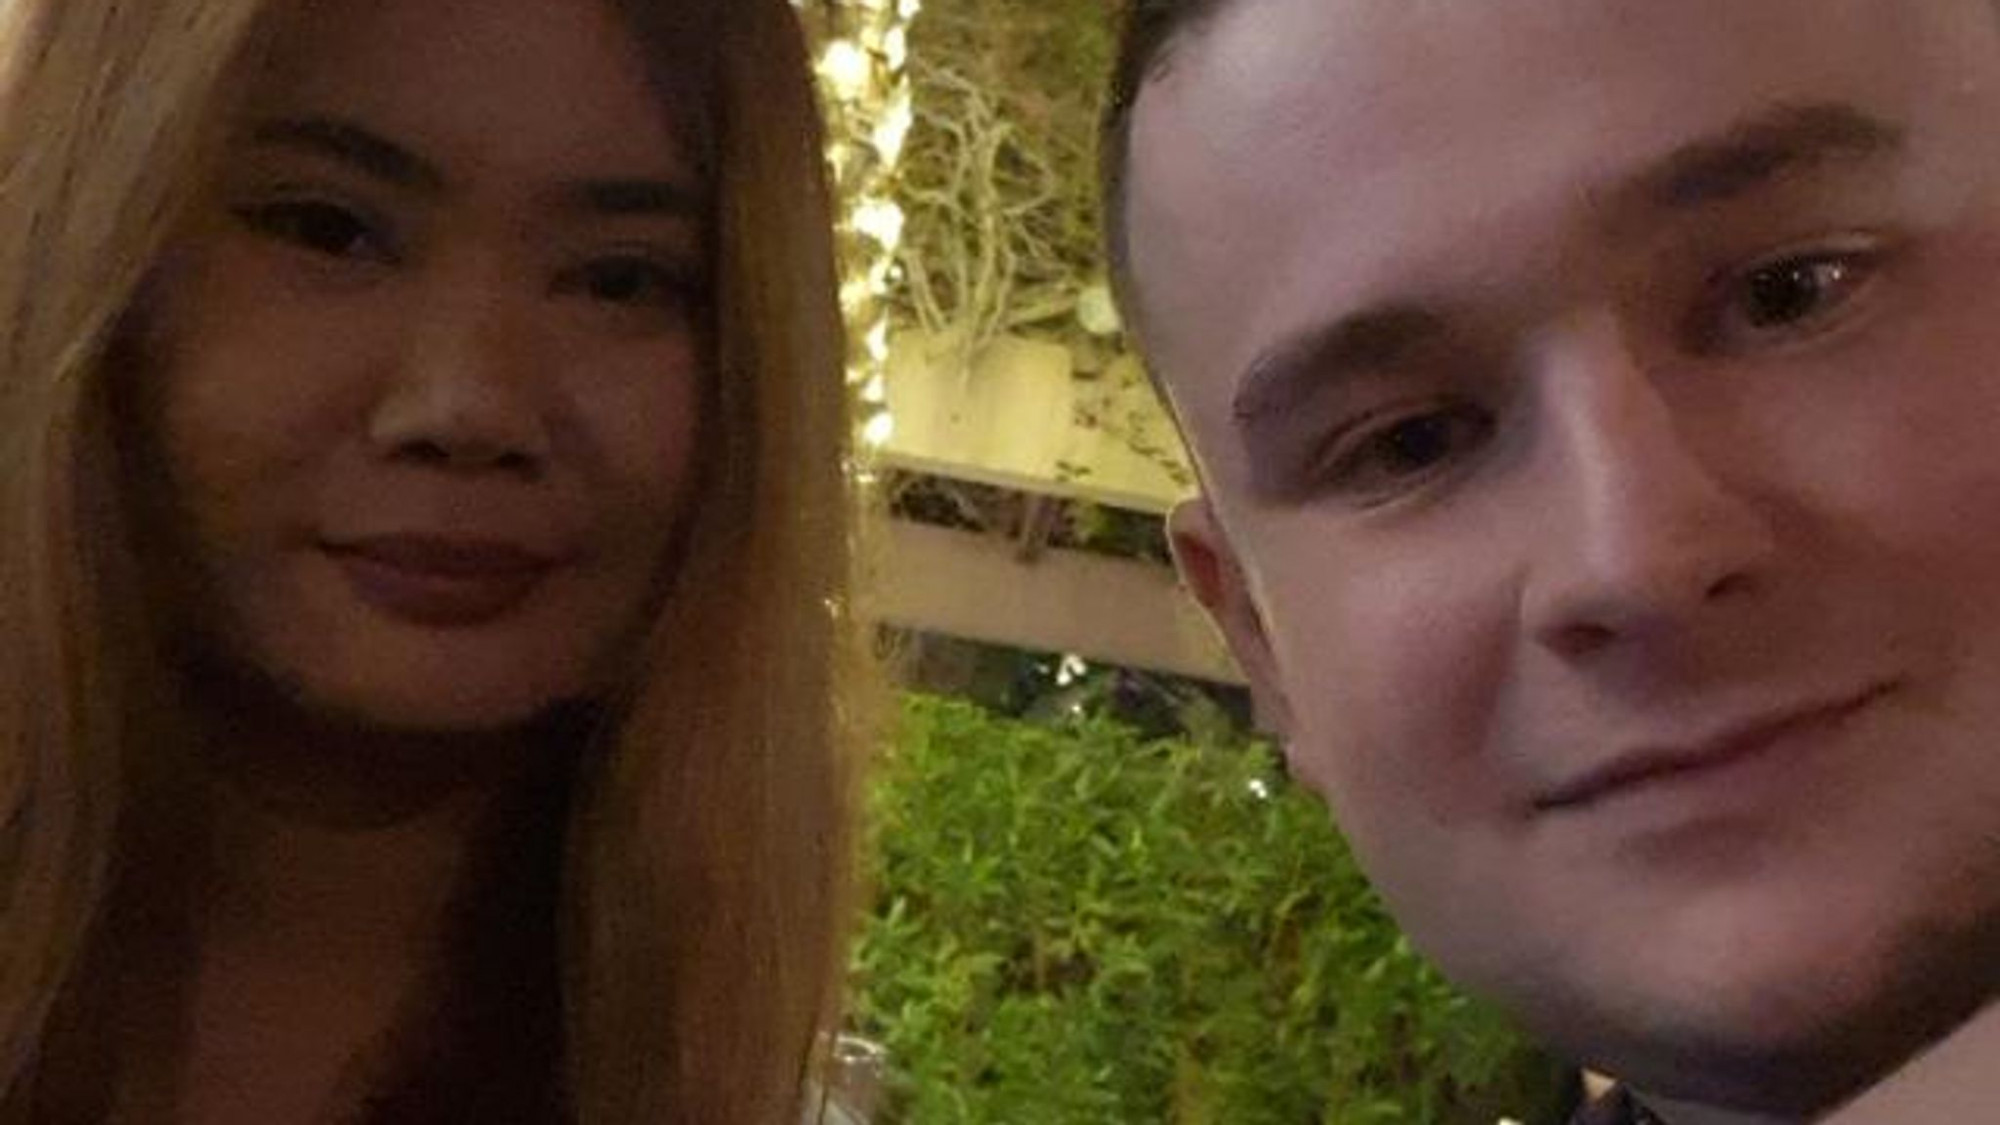 Đến bây giờ, anh chàng Jack vẫn chưa biết khi nào mới gặp lại cô bạn gái của mình ở Du Bai - Ảnh: Sky News